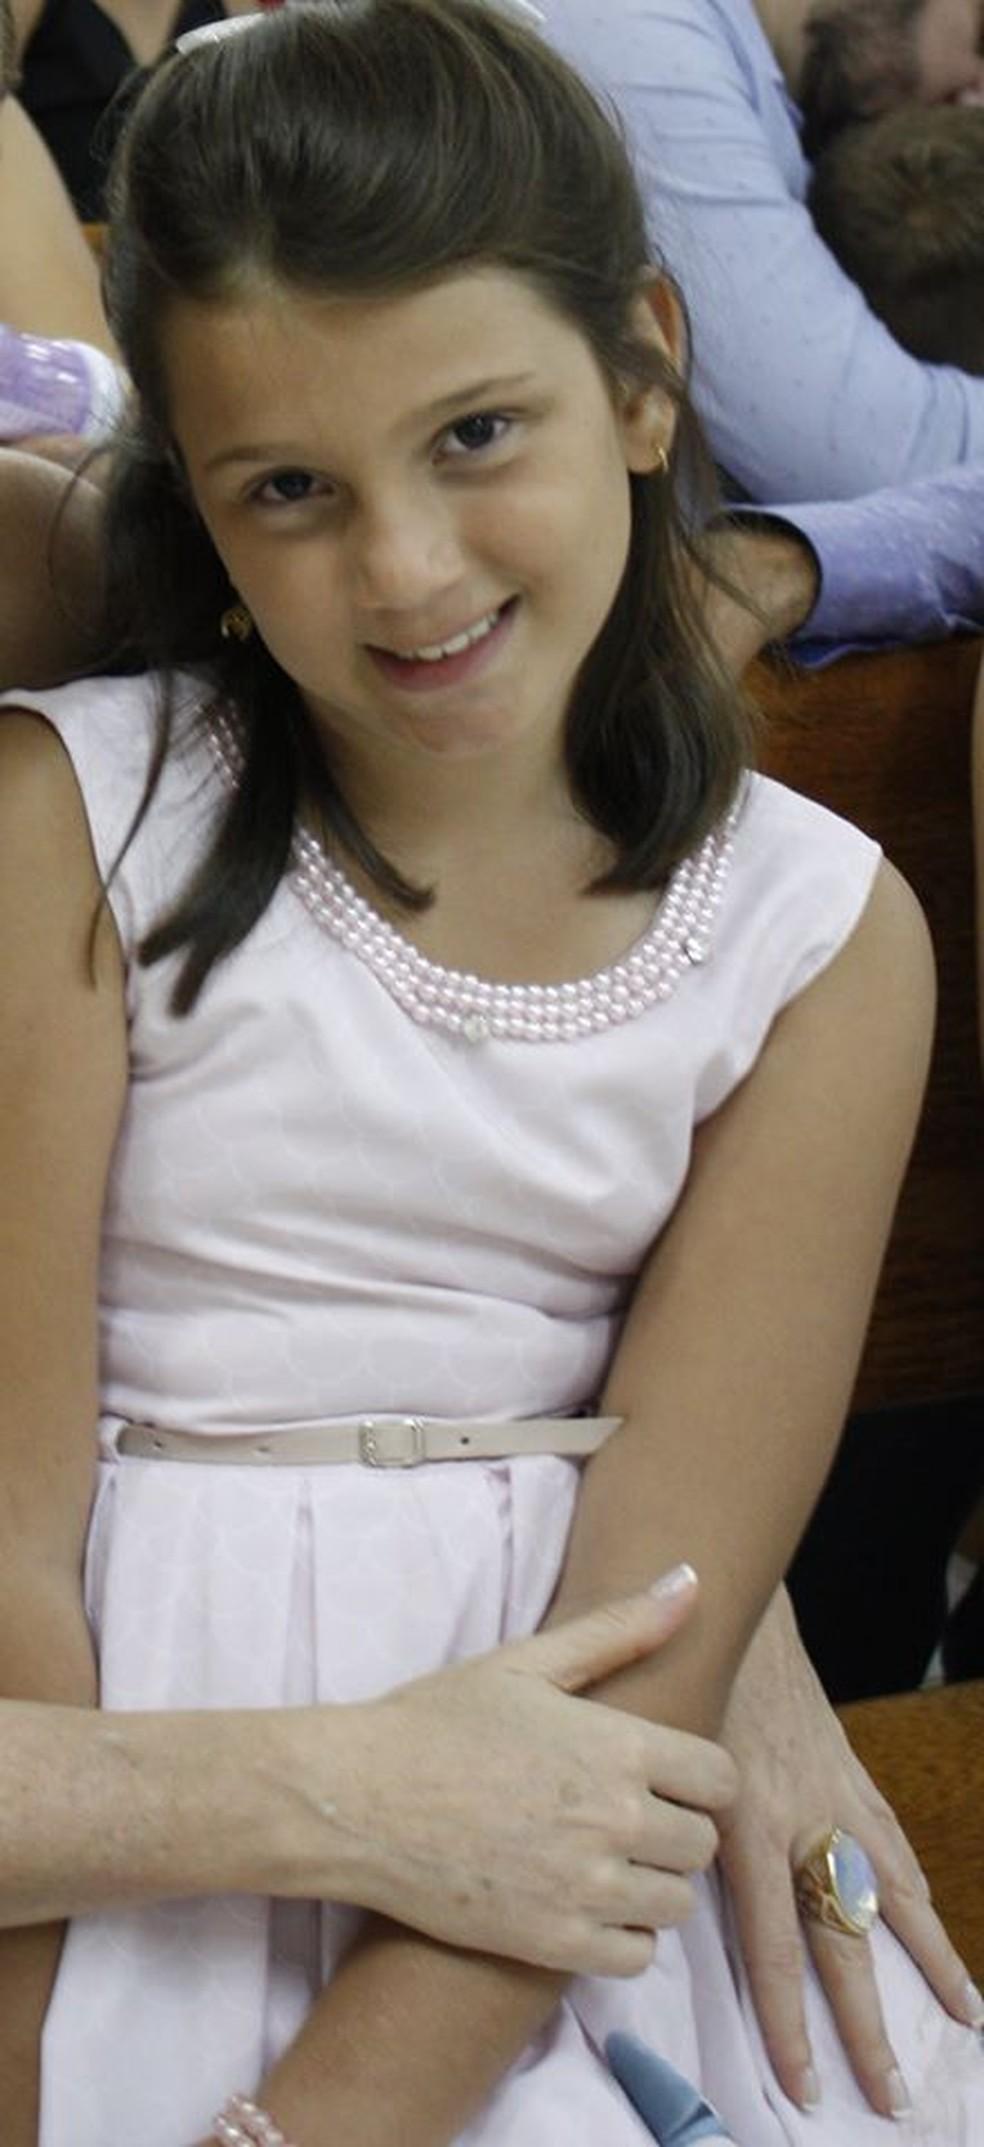 Nagila Vitória Boroviec Scheuermann, de 8 anos, morreu em Colniza — Foto: Facebook/Reprodução